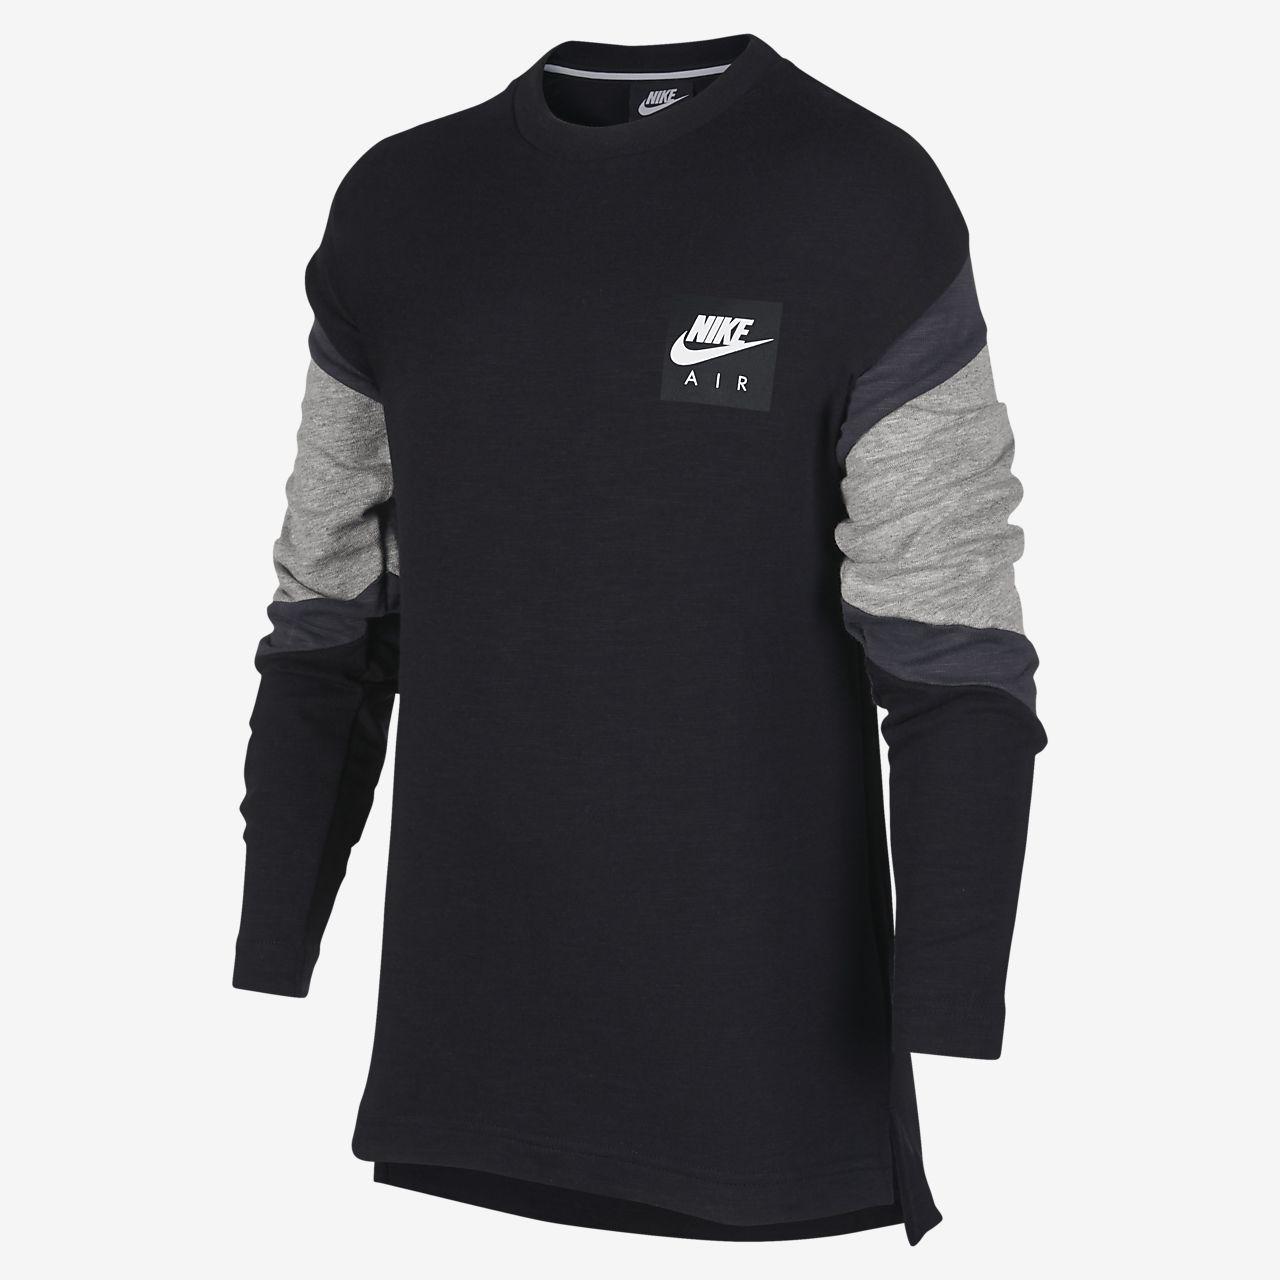 8d8eef72 Nike Air Older Kids' (Boys') Long-Sleeve Top. Nike.com GB